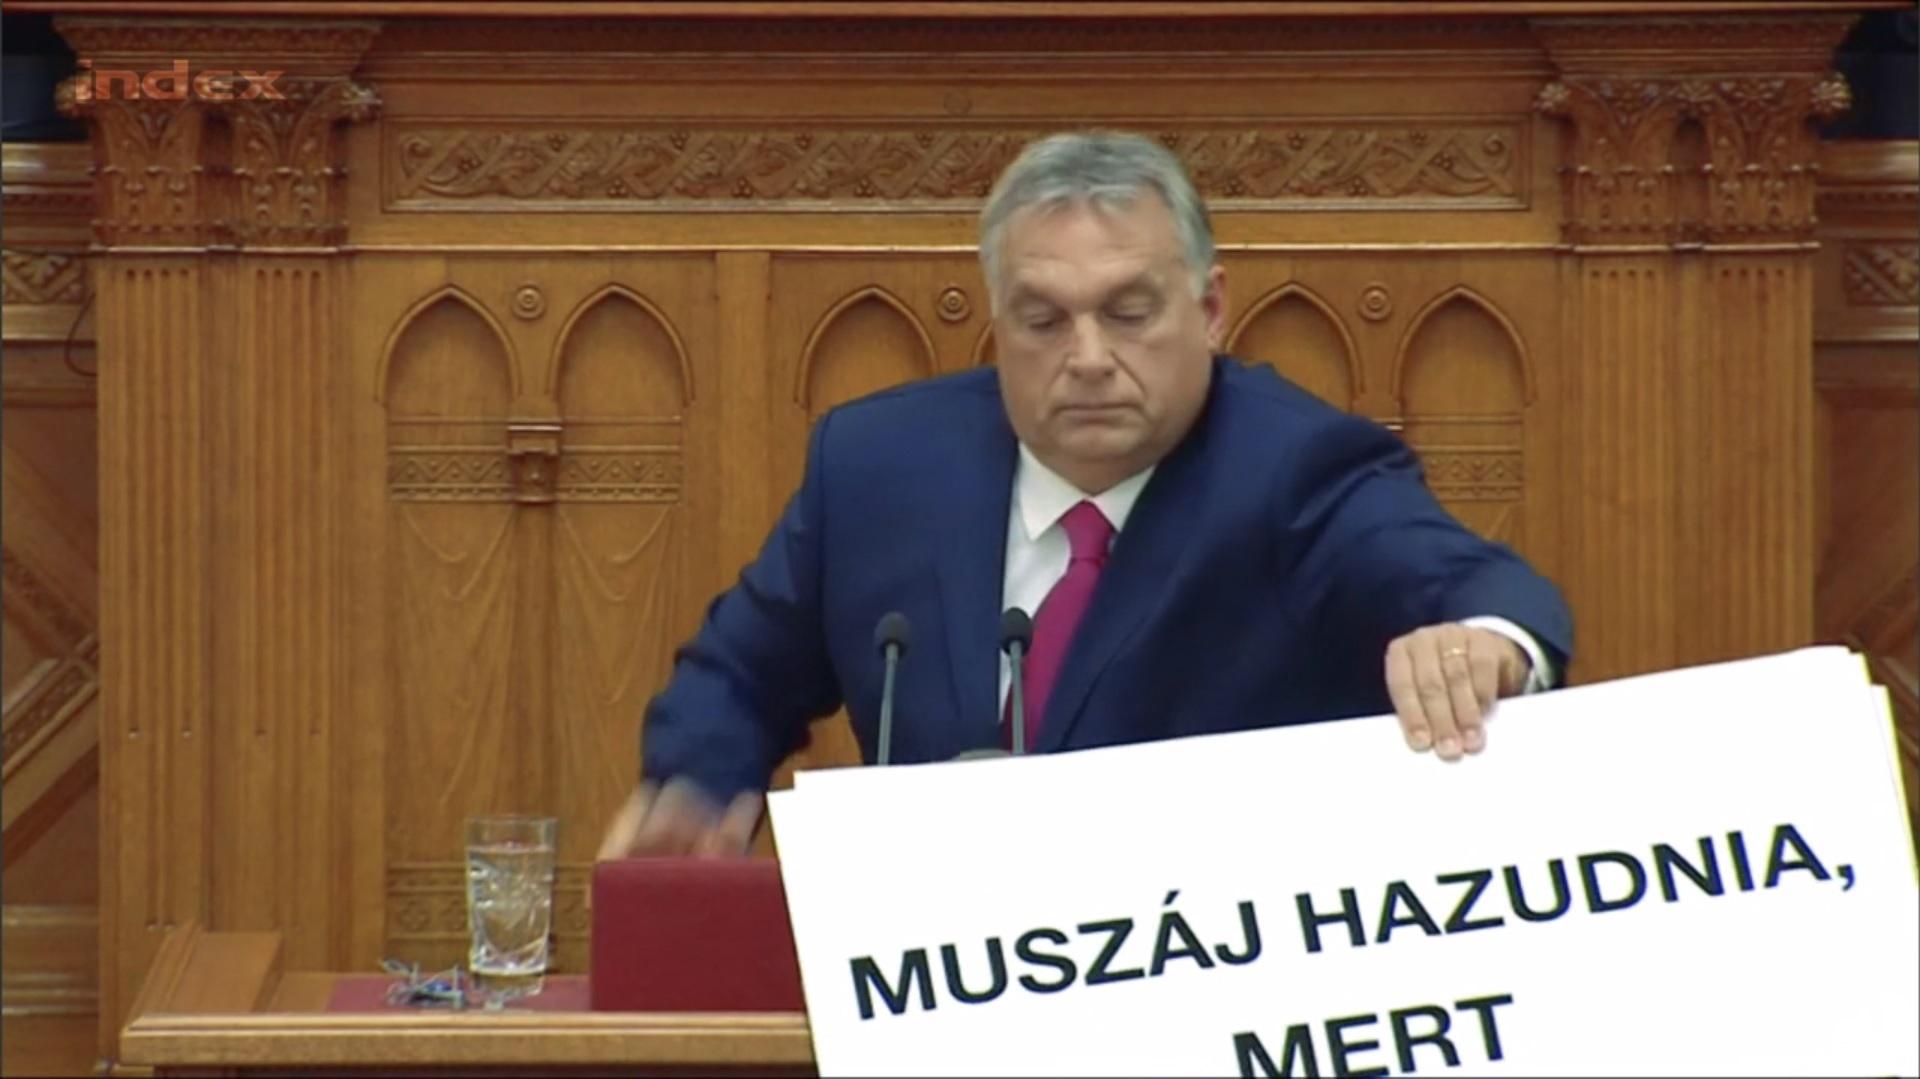 muszaj_hazudnia.jpg